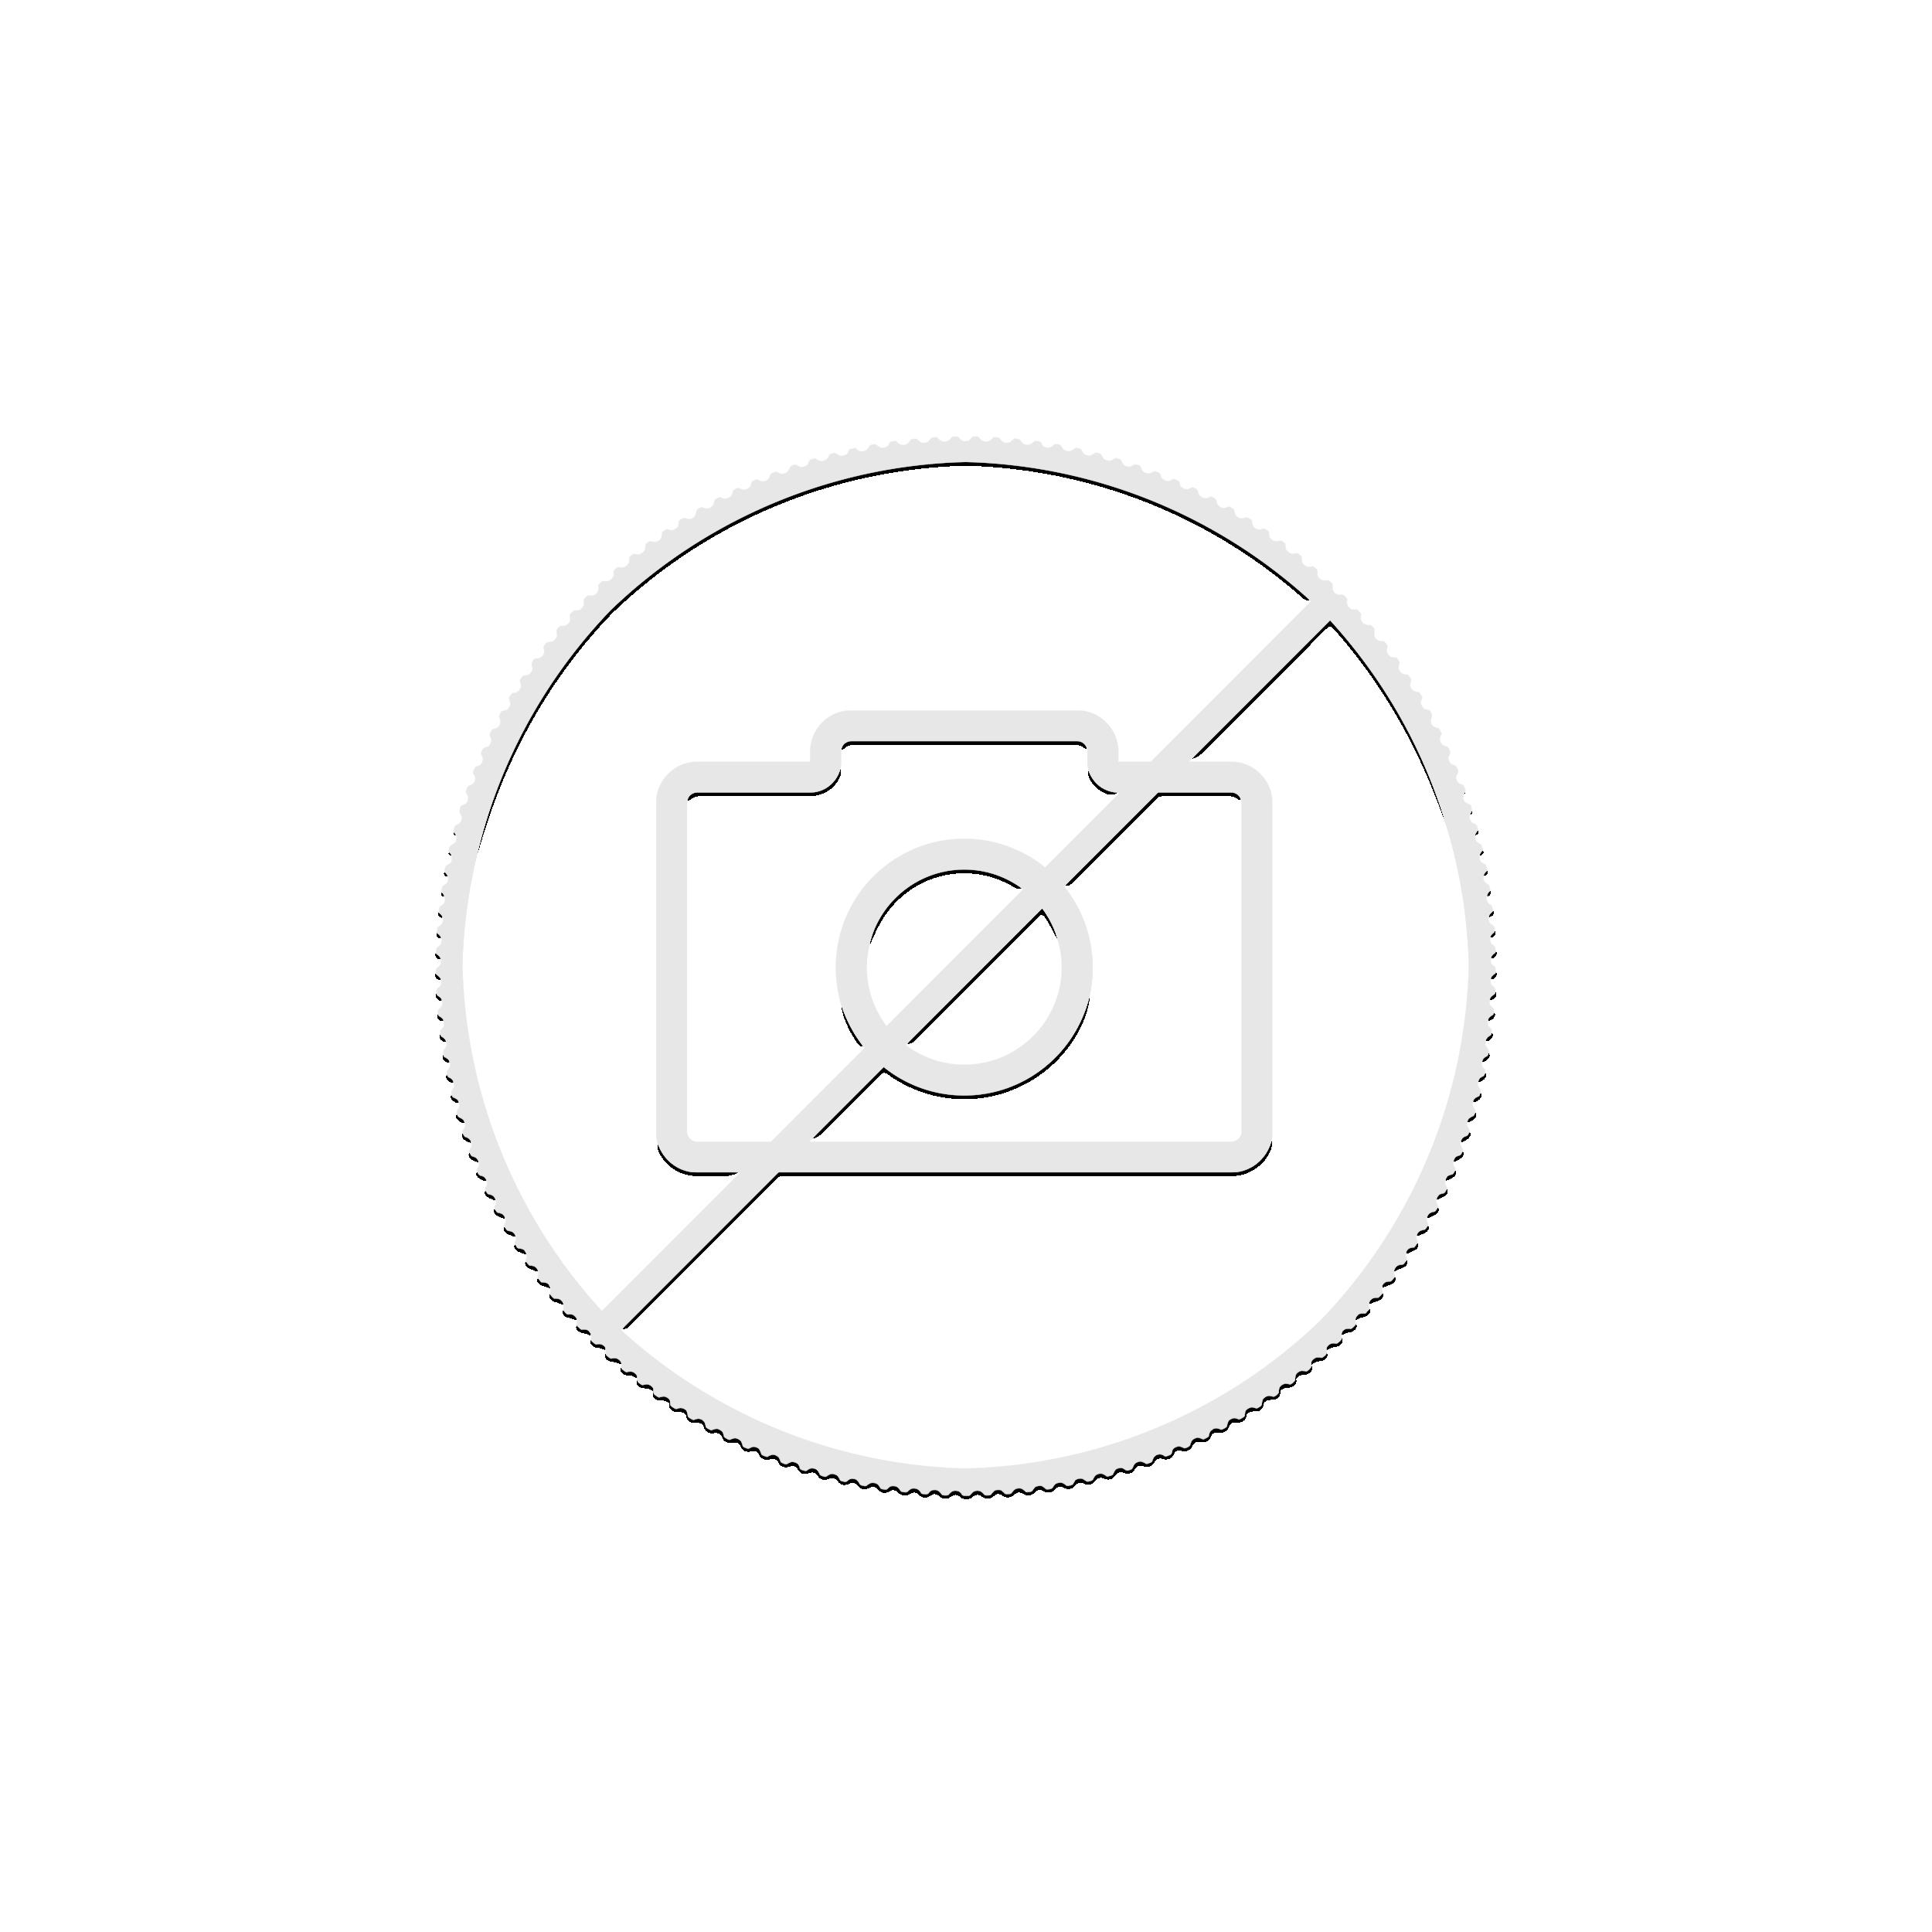 10 Troy ounce silver coin Kookaburra 2020 - anniversary edition